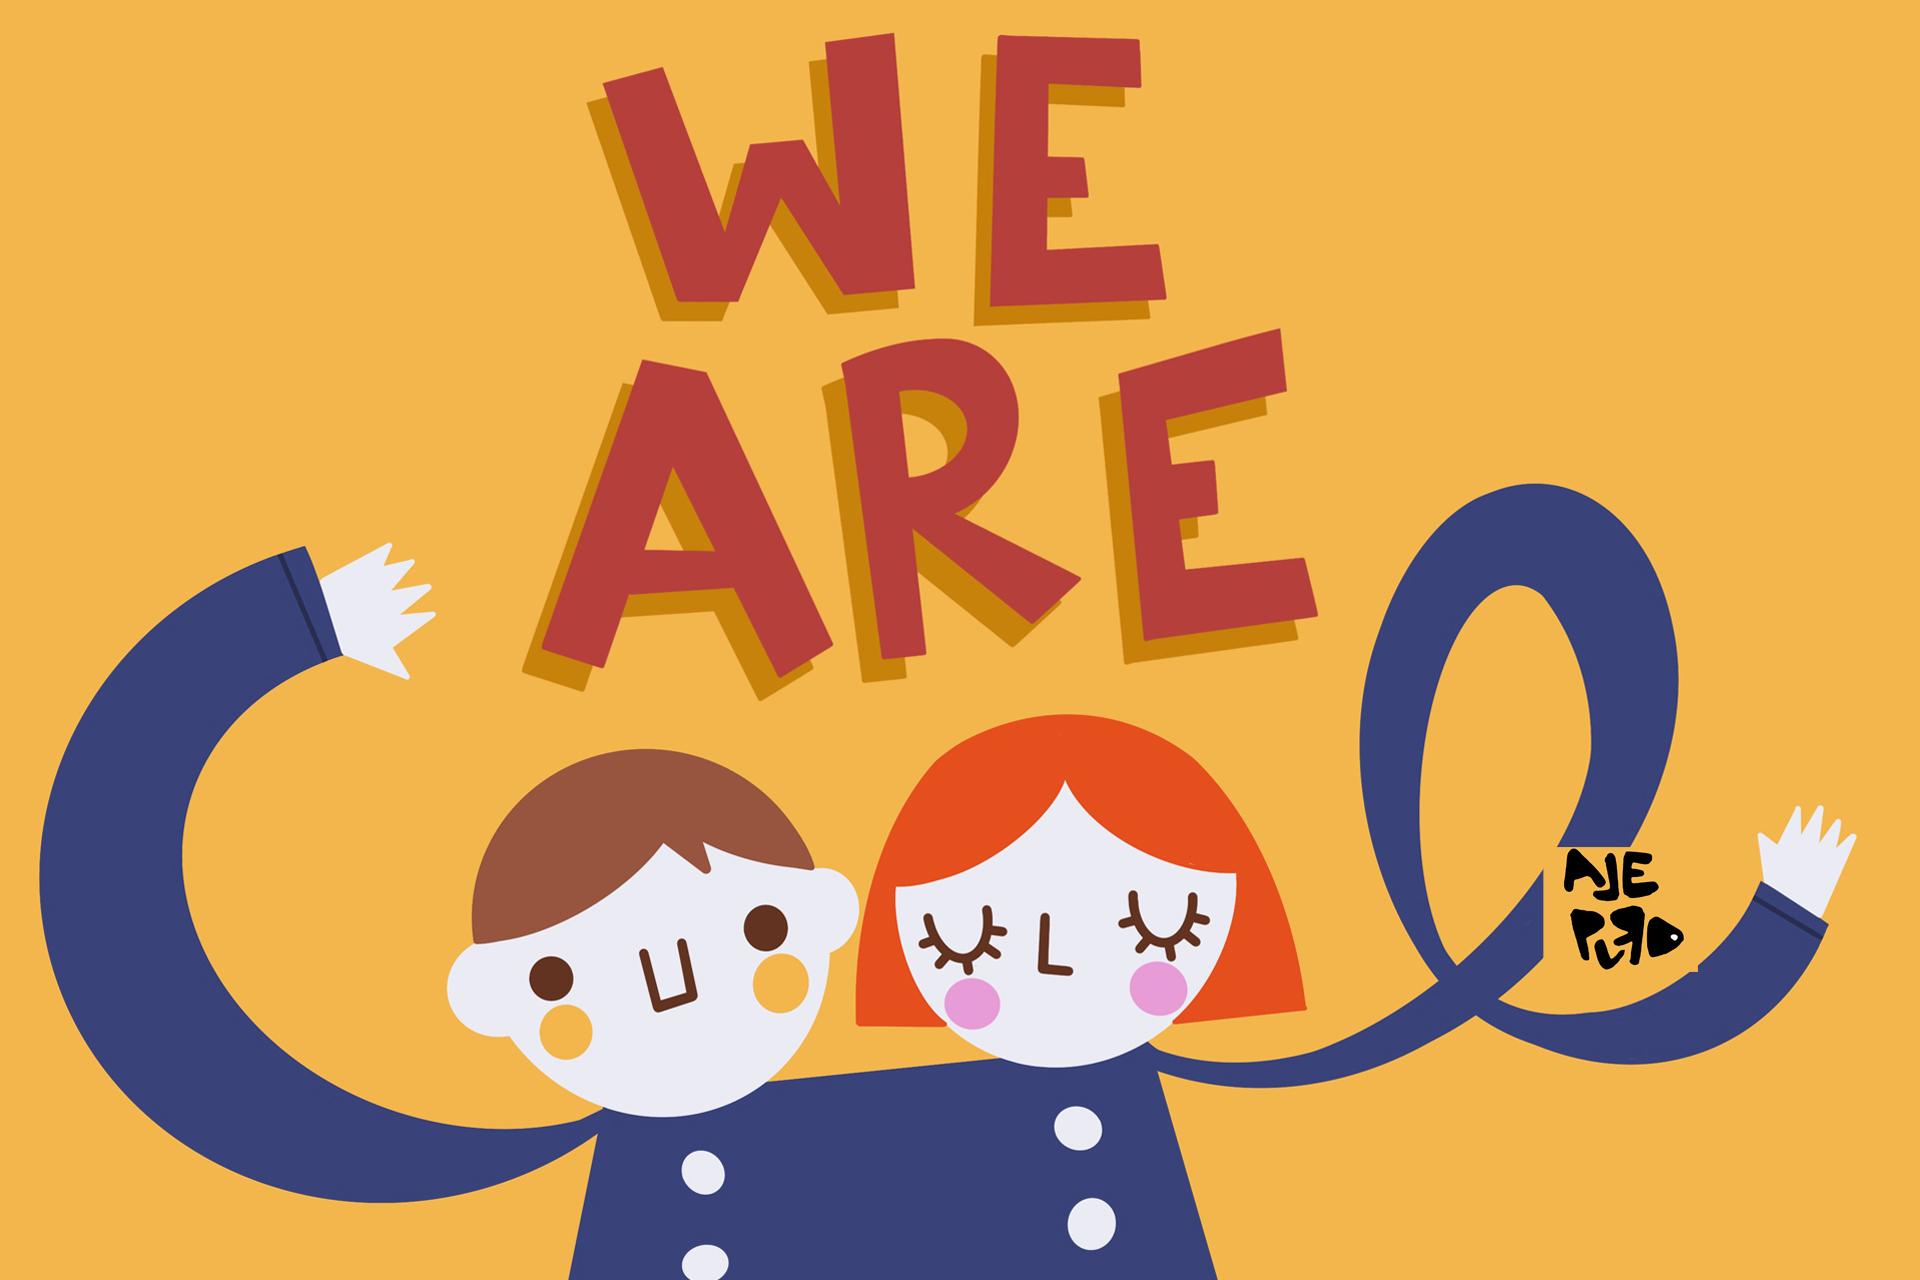 ale puro children's illustrator